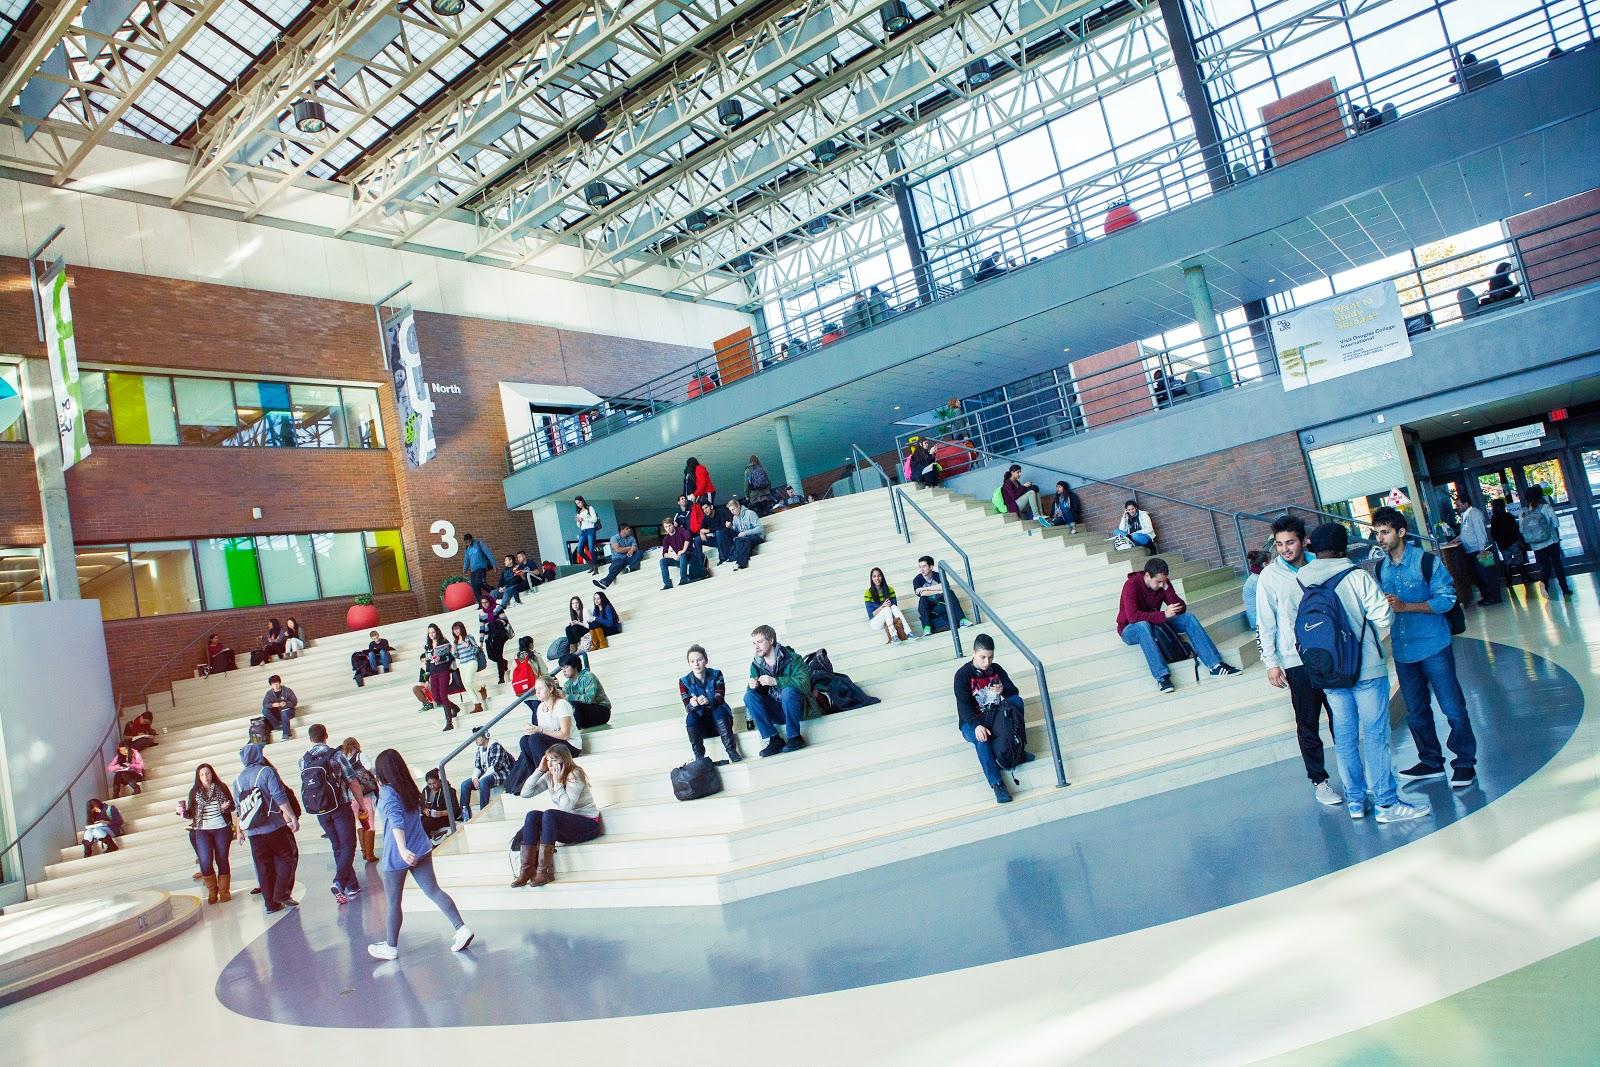 Douglas College в Британской Колумбии - Стипендии